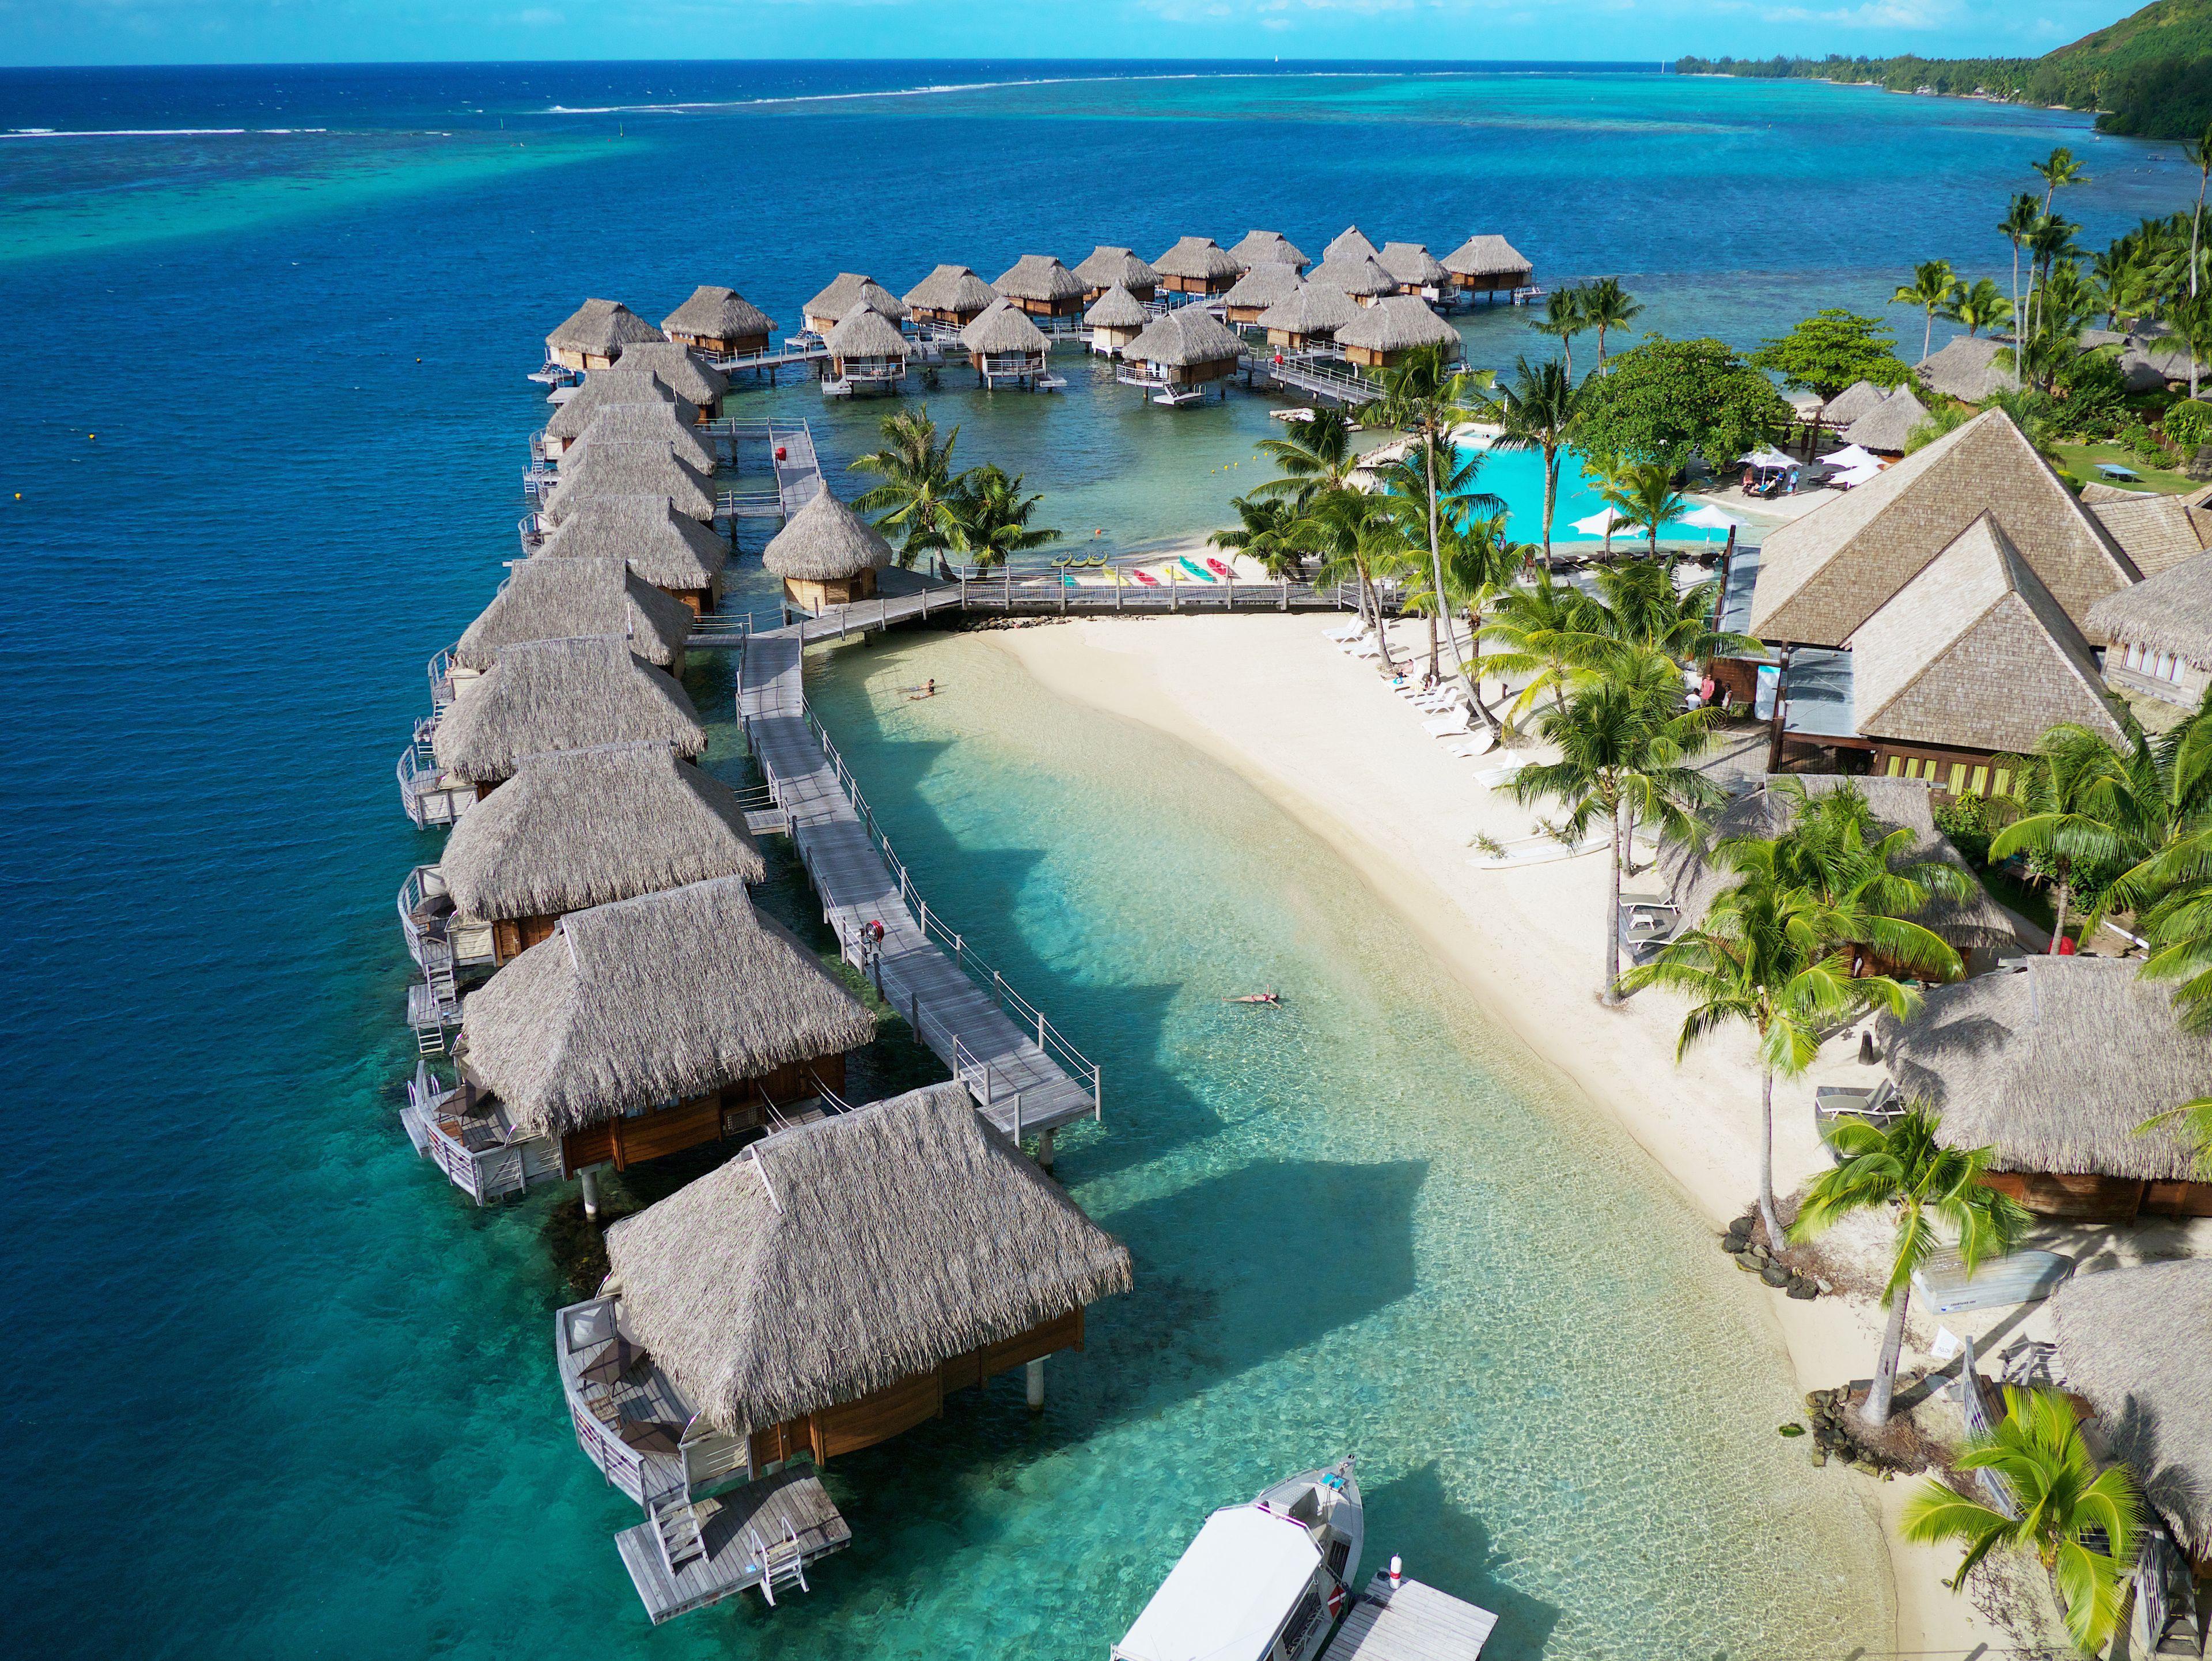 Courtesy of Manava Beach Resort and Spa / Expedia